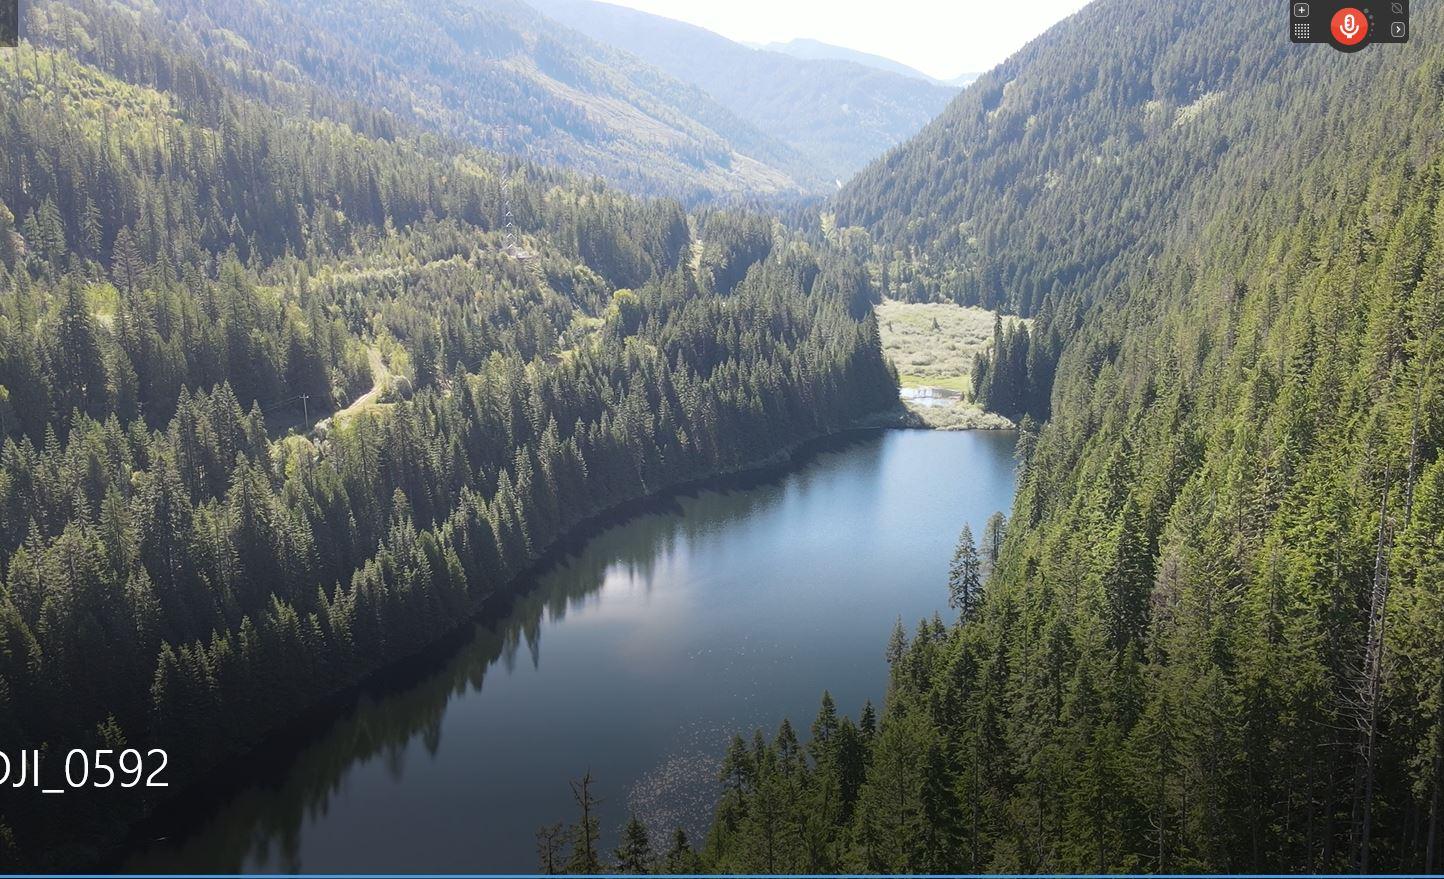 Nelson cottingwood lake 09